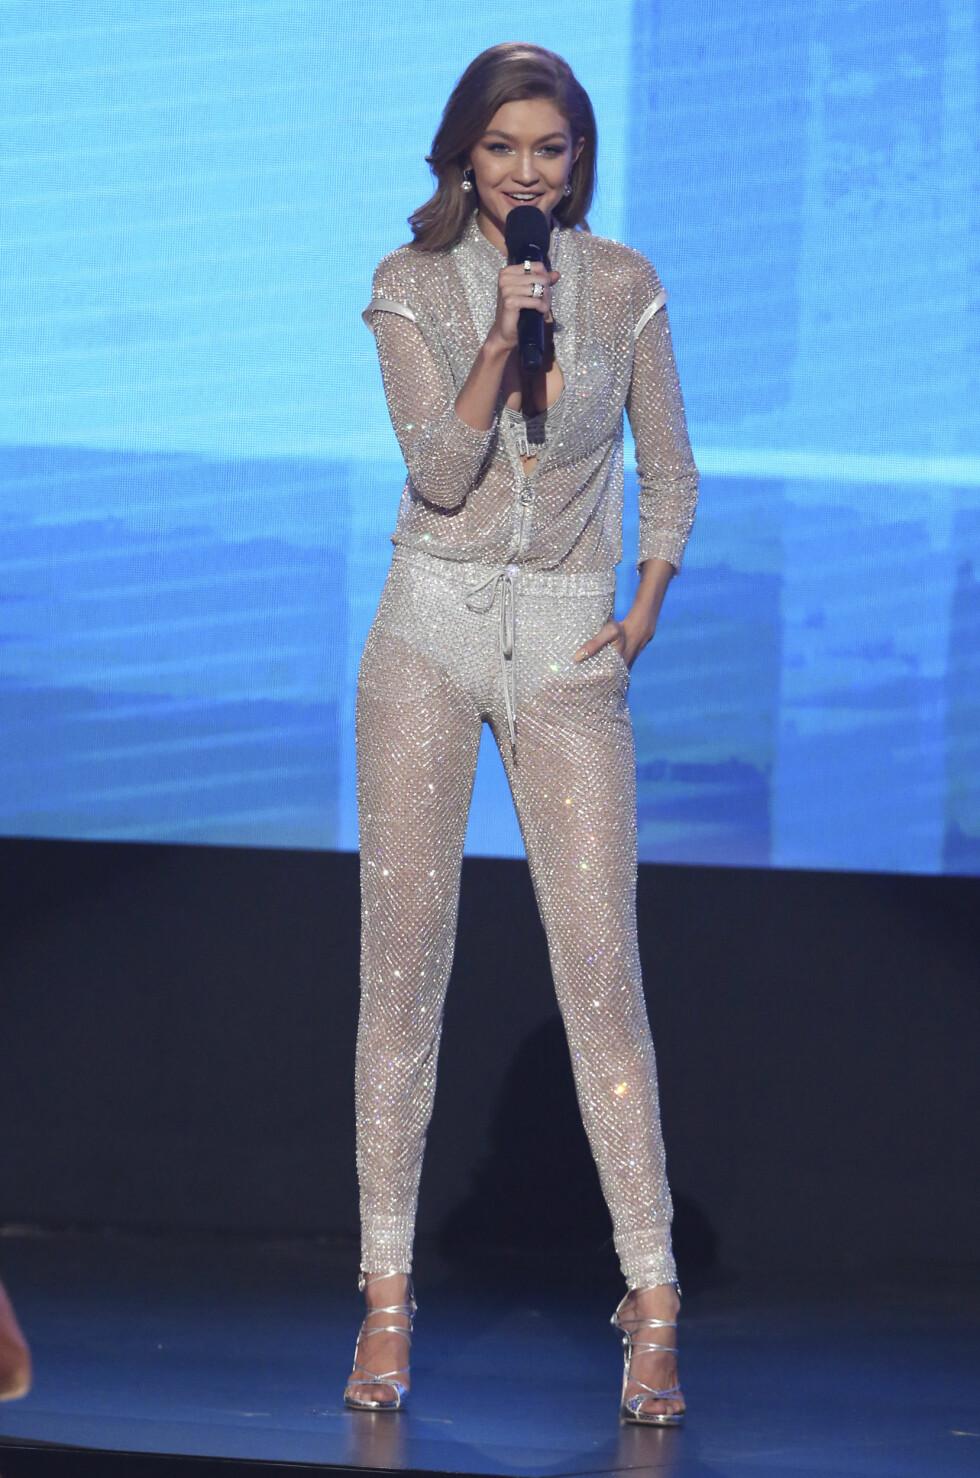 VERSACE: Ikke overraskende stilte Hadid i to antrekk fra Versace. I tillegg til denne jumpsuiten var også den røde kjolen fra det italienske merket. Foto: Ap